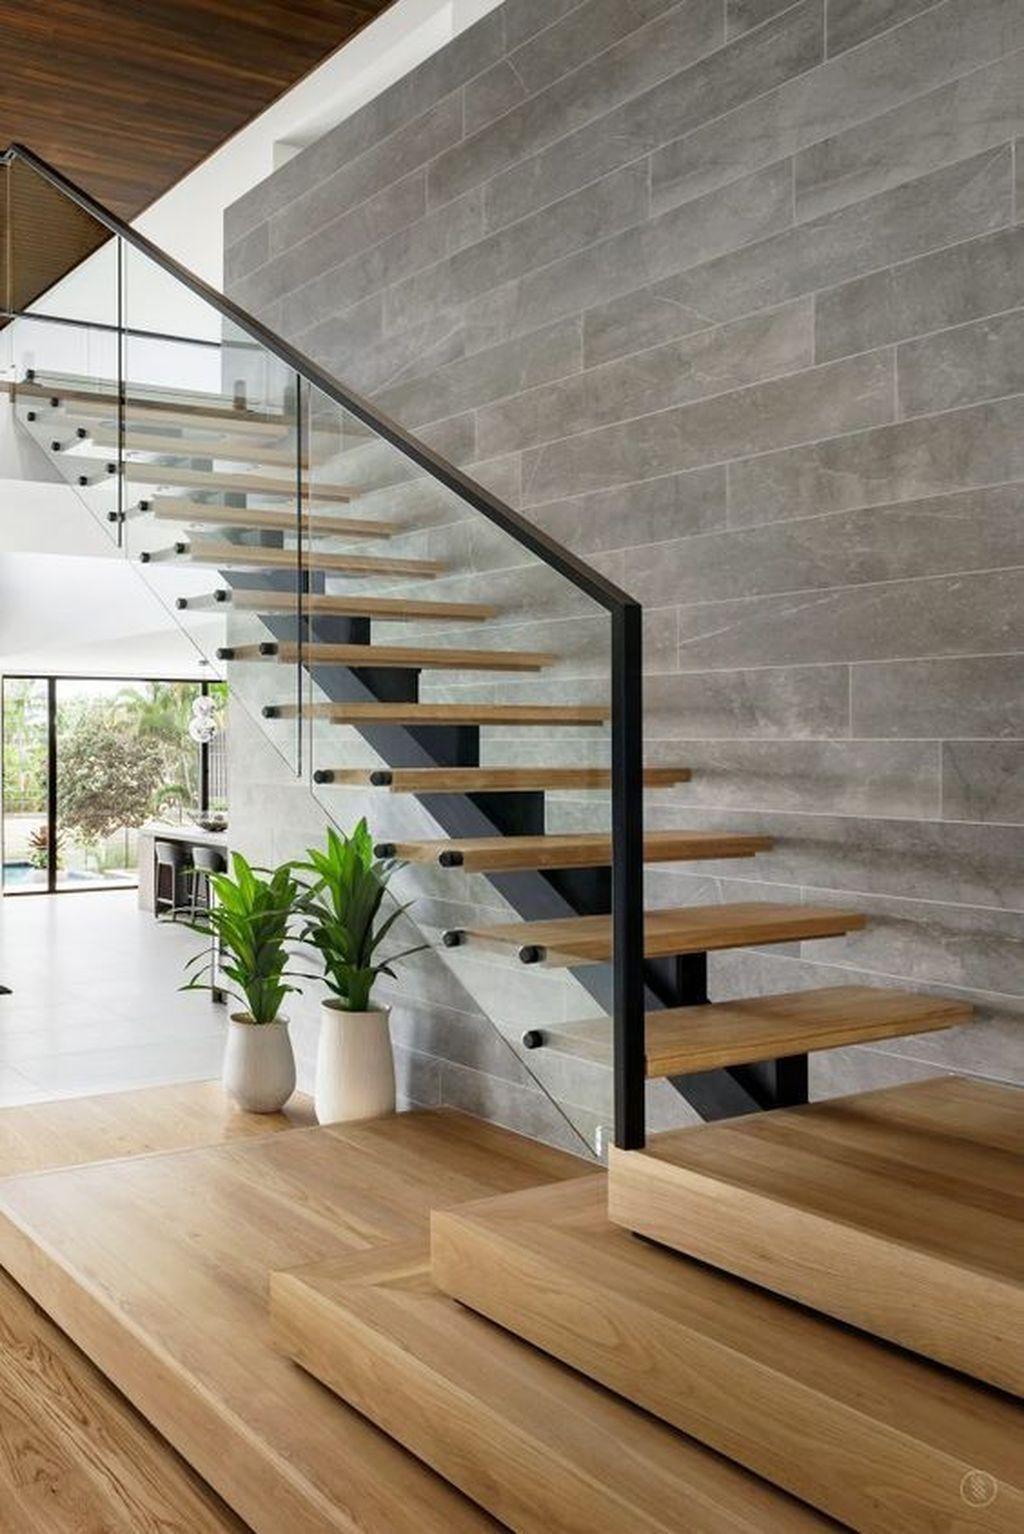 Escalier Interieur Maison Moderne Épinglé par adèle namarer sur design idea | maison moderne